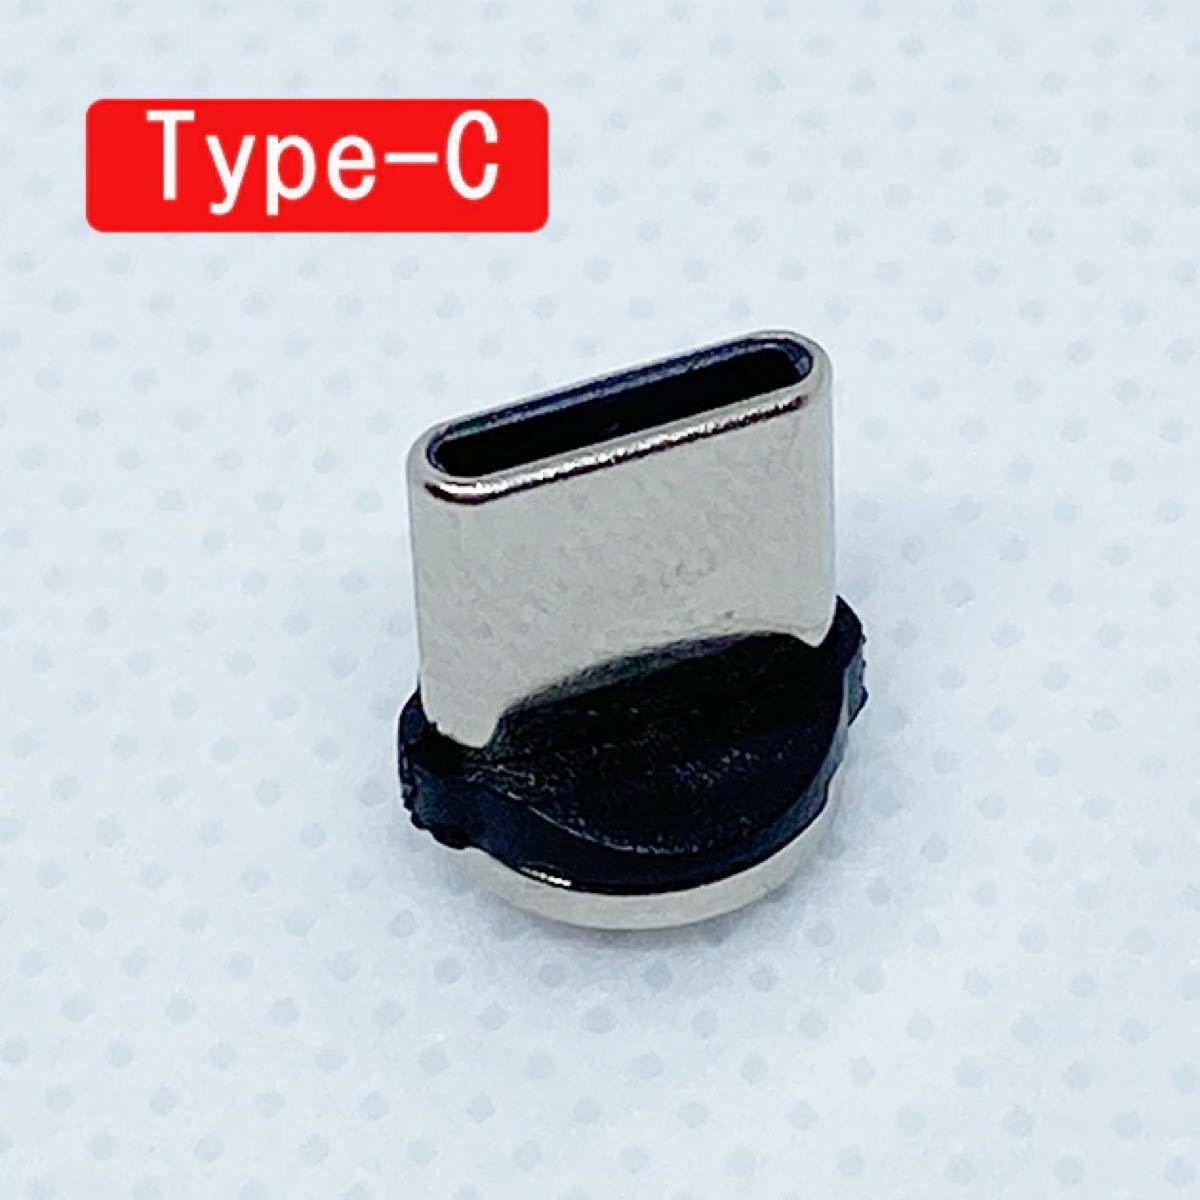 マグネット充電ケーブル 1M*3本+端子6個(iPhone*2+Android*2+TYPE-C*2)急速充電 磁石式 ケーブル